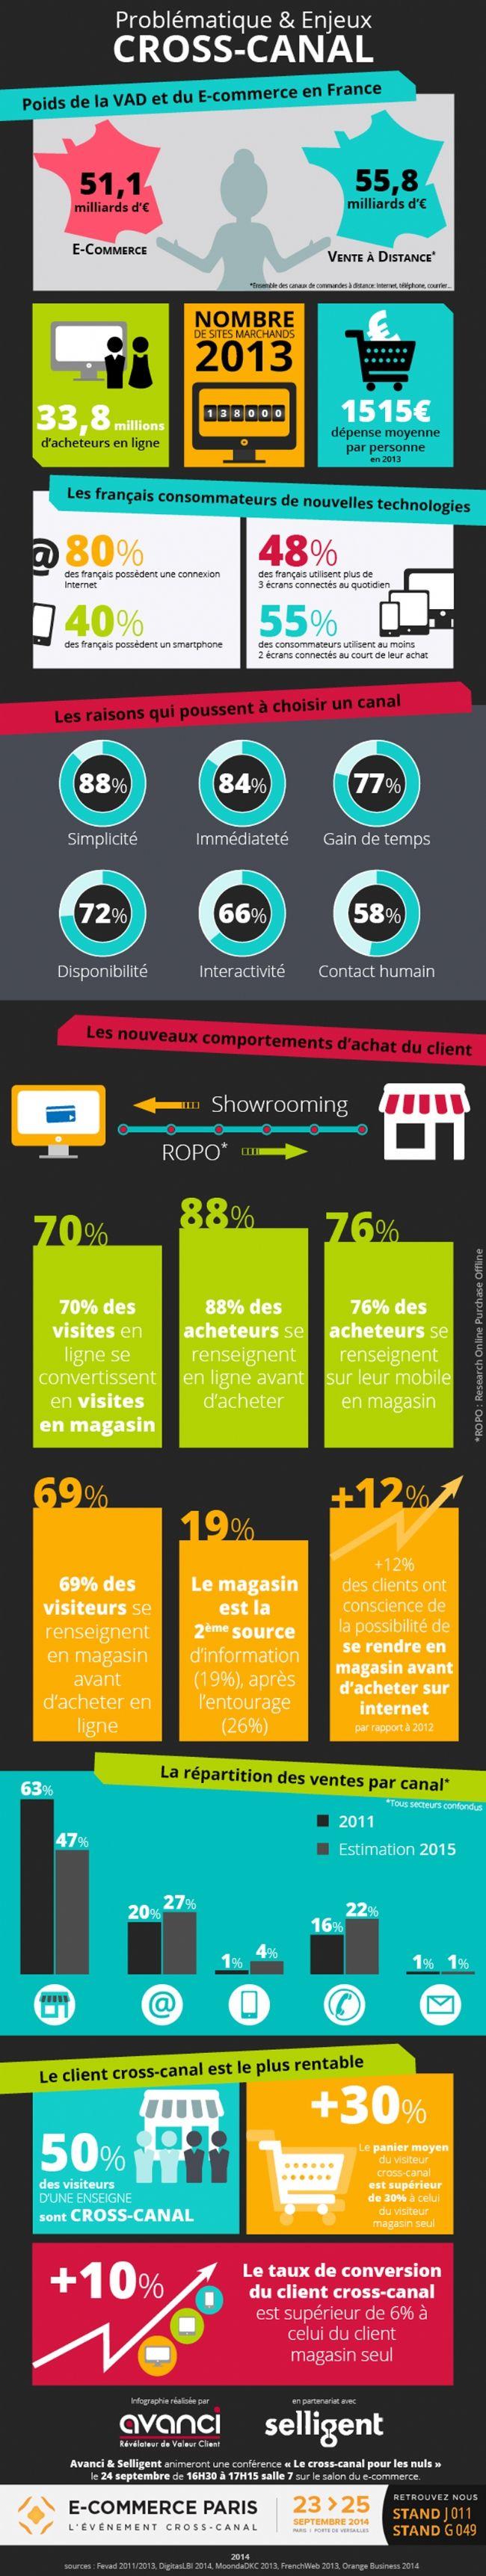 Infographie | 50% des visiteurs d'une enseigne achètent aussi via un autre canal